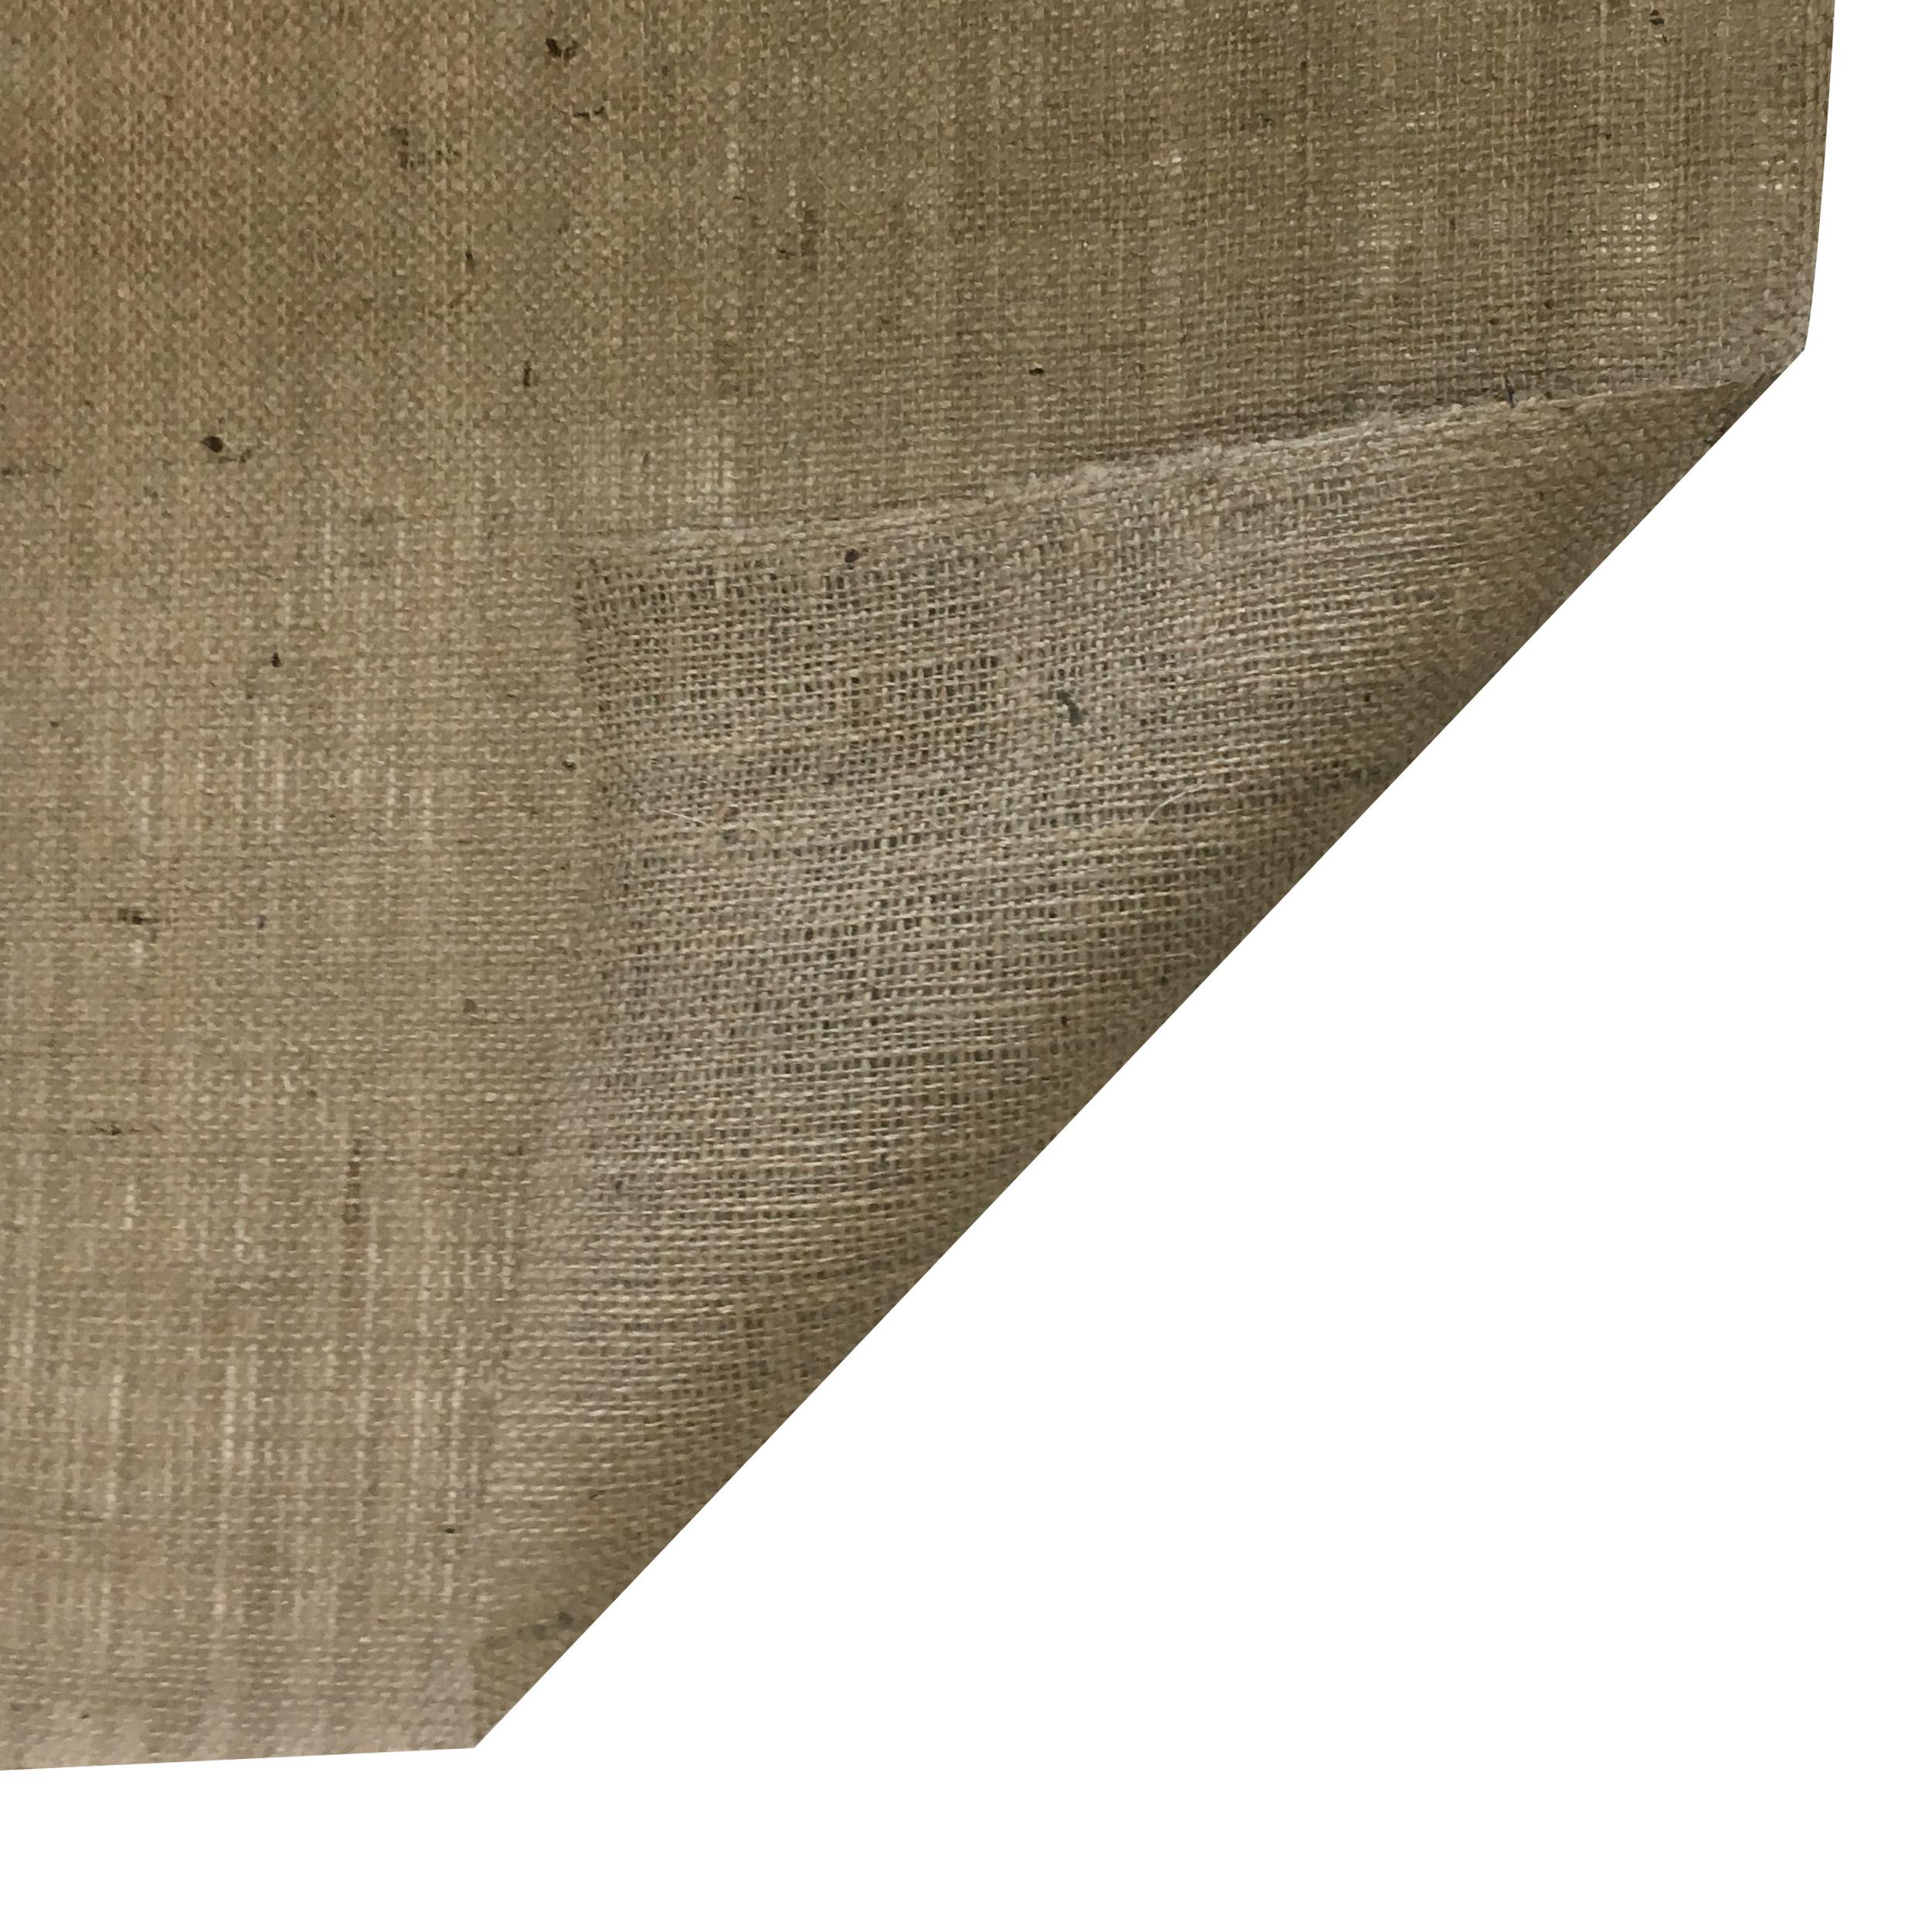 Juta Grezza H 140 cm